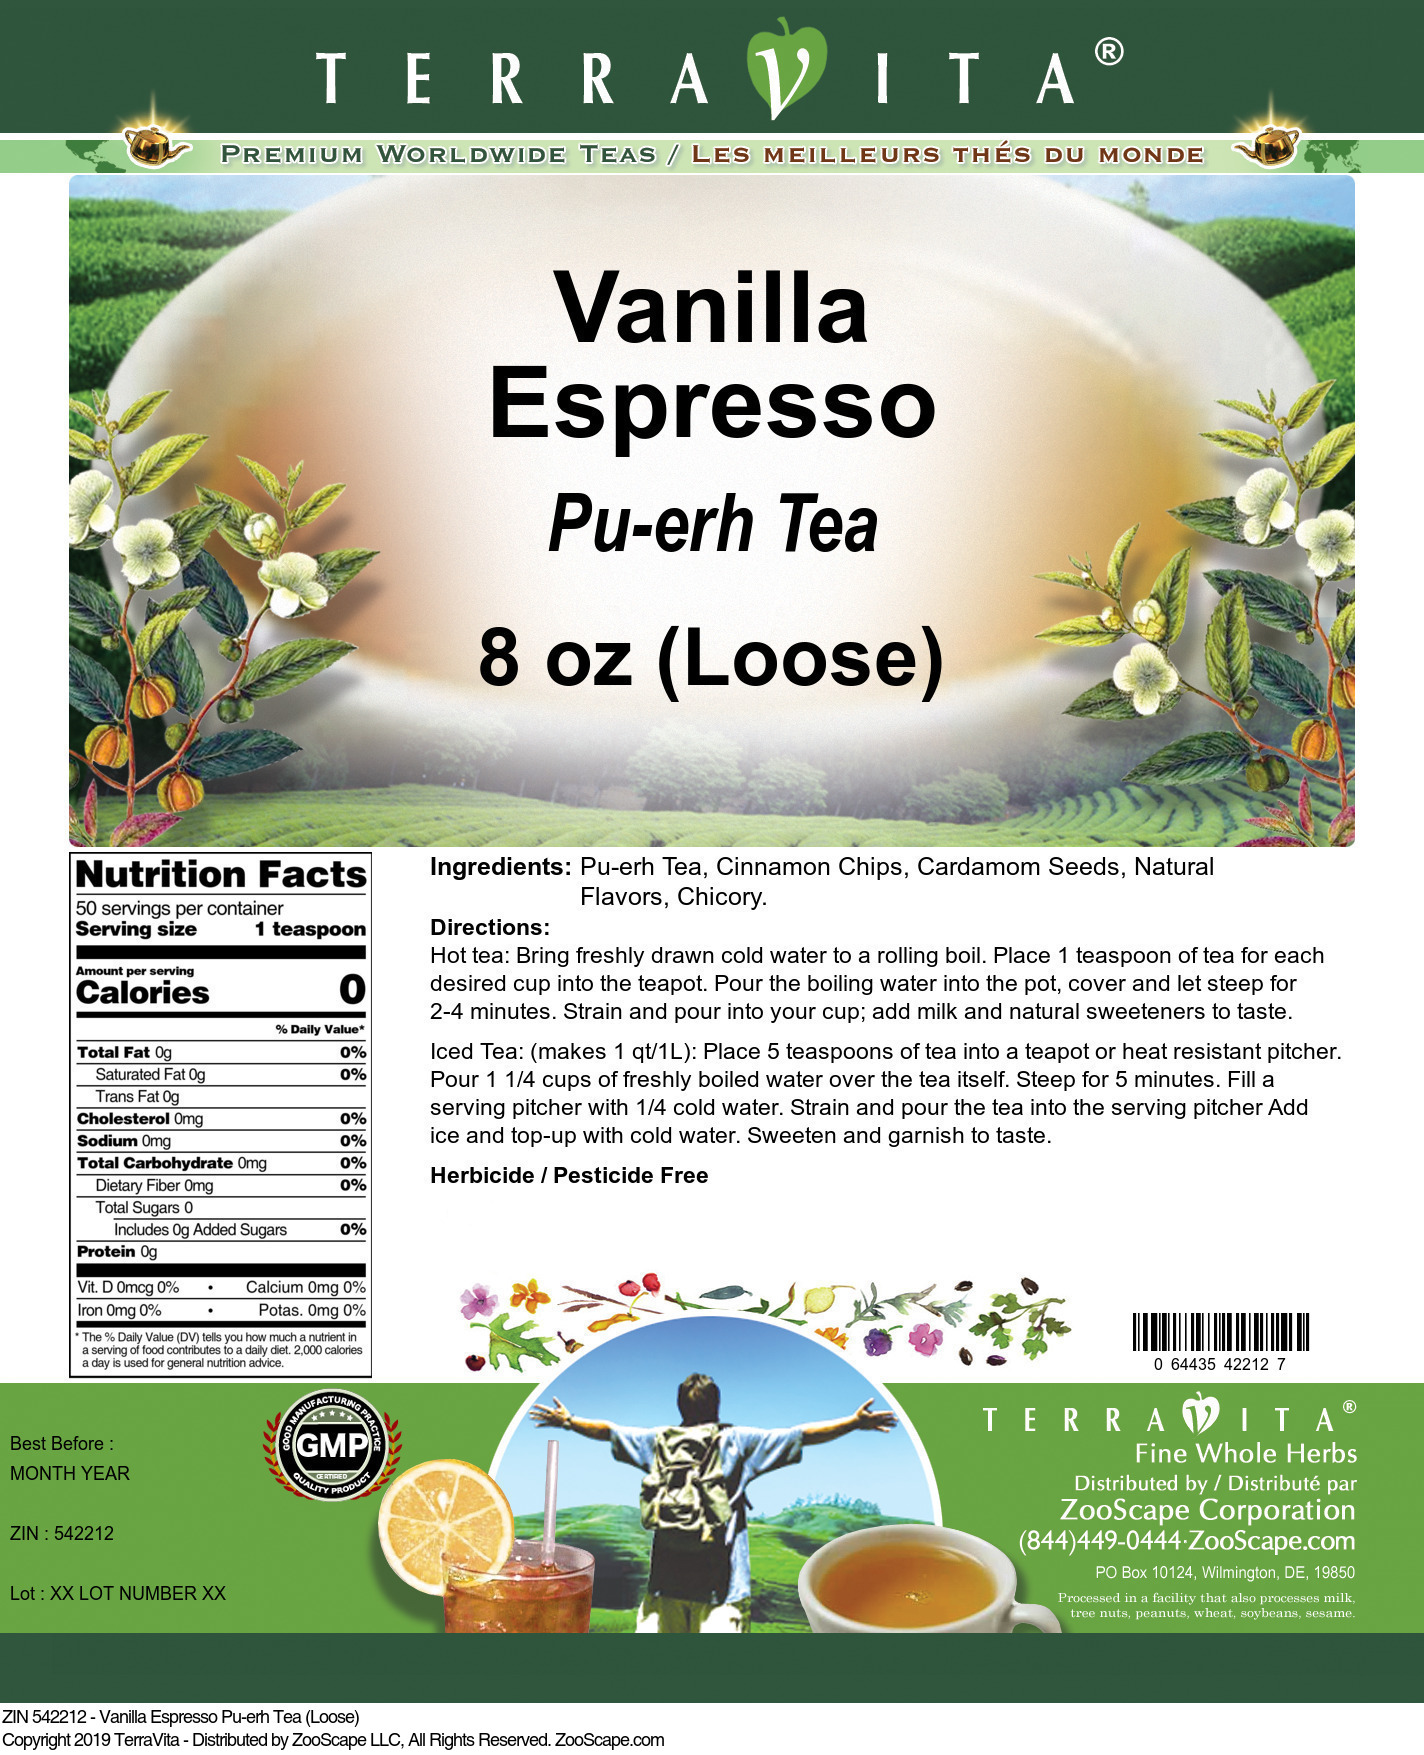 Vanilla Espresso Pu-erh Tea (Loose)